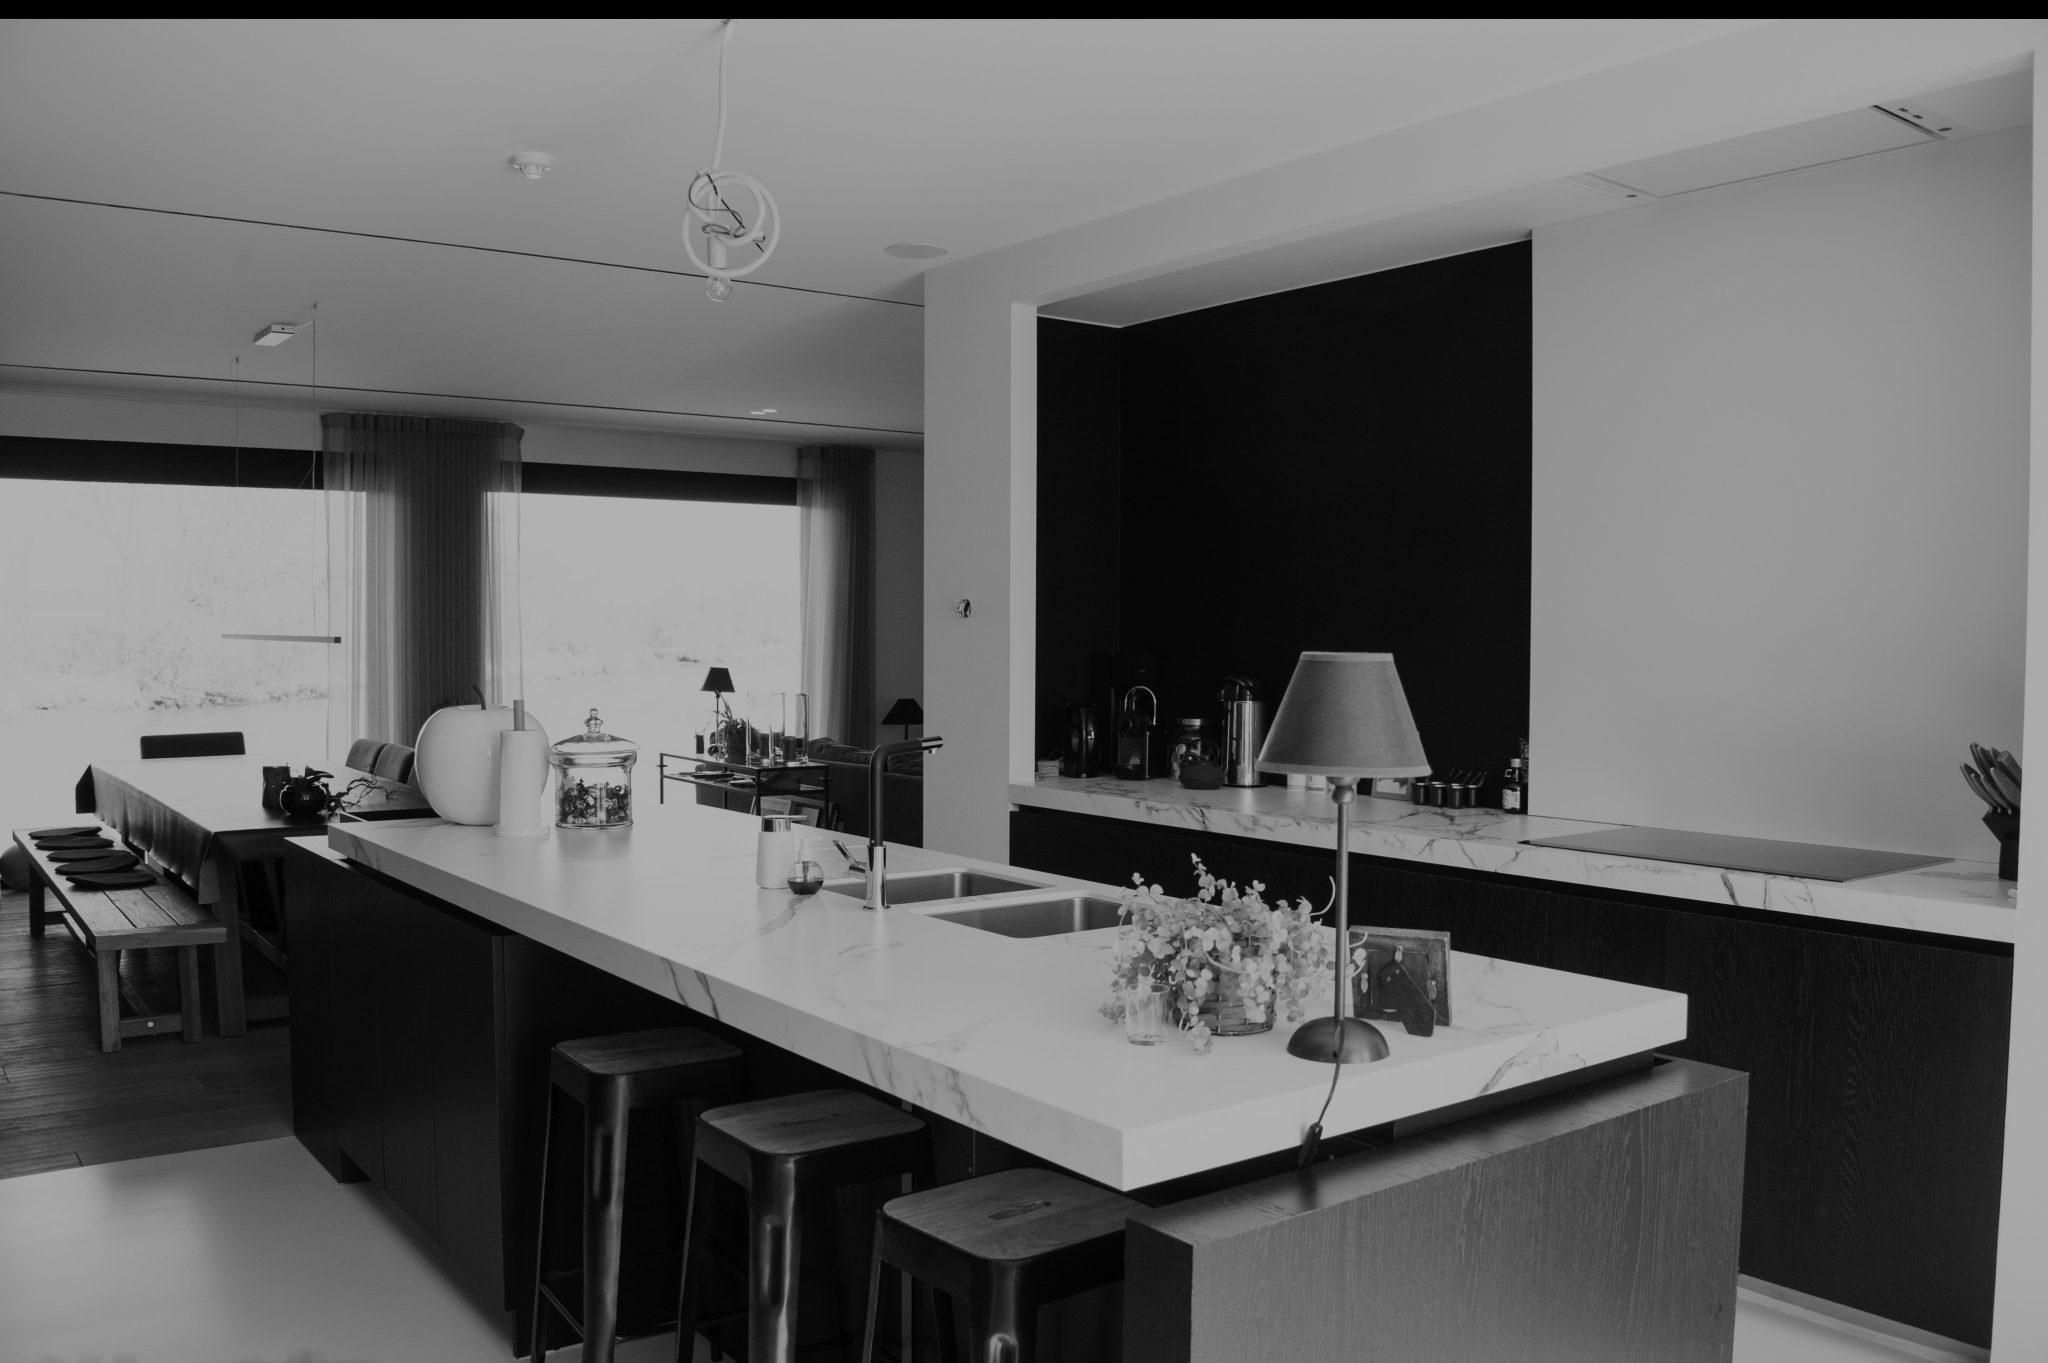 Keuken  Idee Atelier